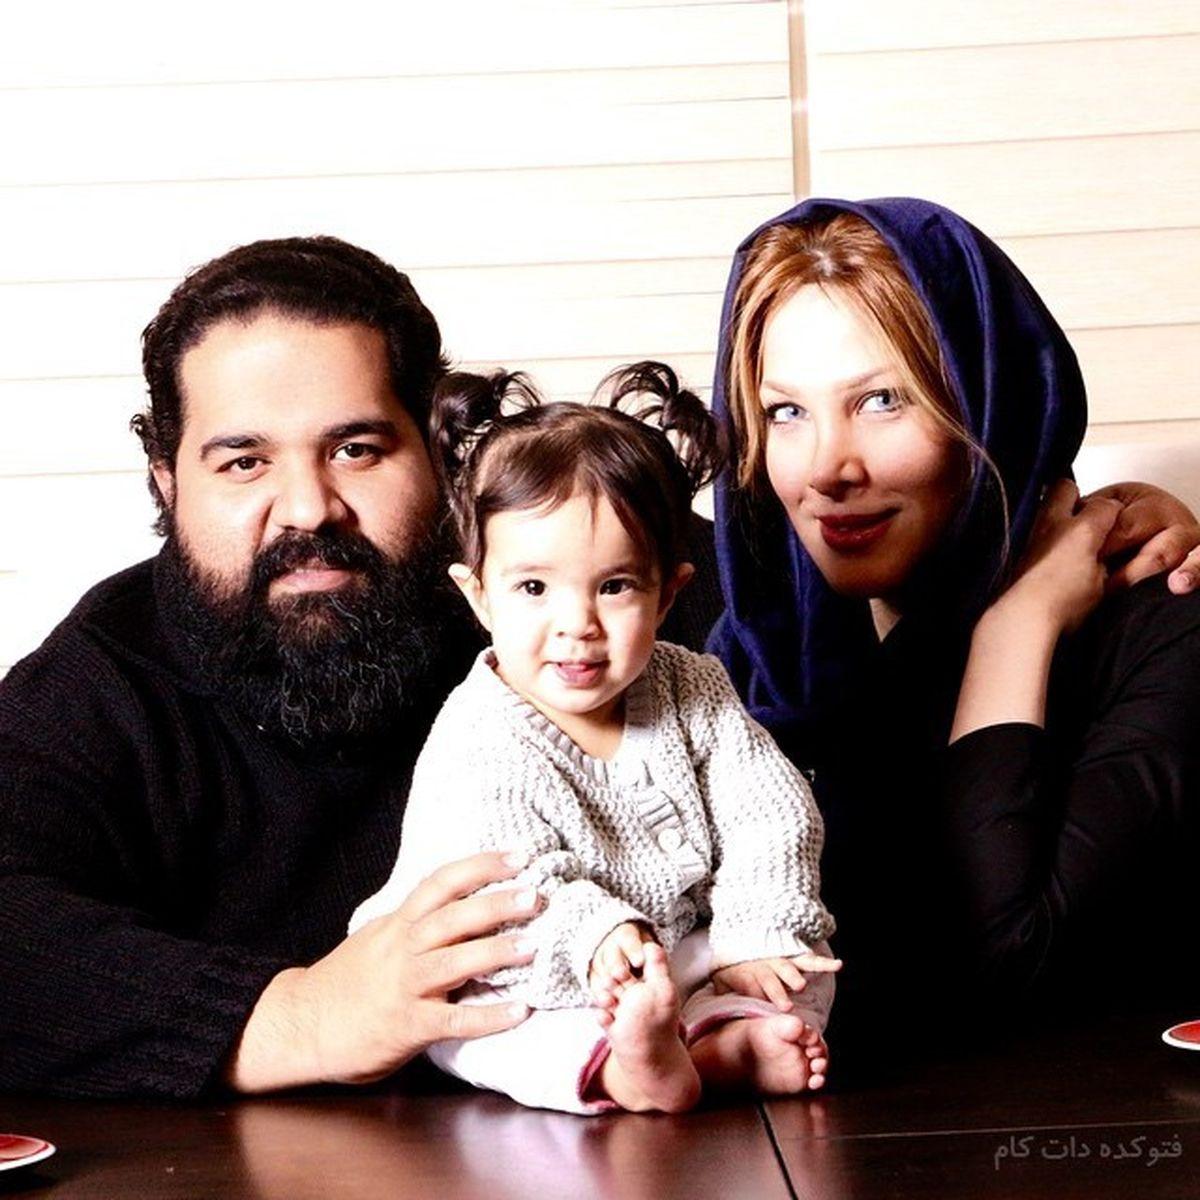 تشکر متفاوت و زیبای رضا صادقی از همسرش   عکس رضا صادقی و همسرش